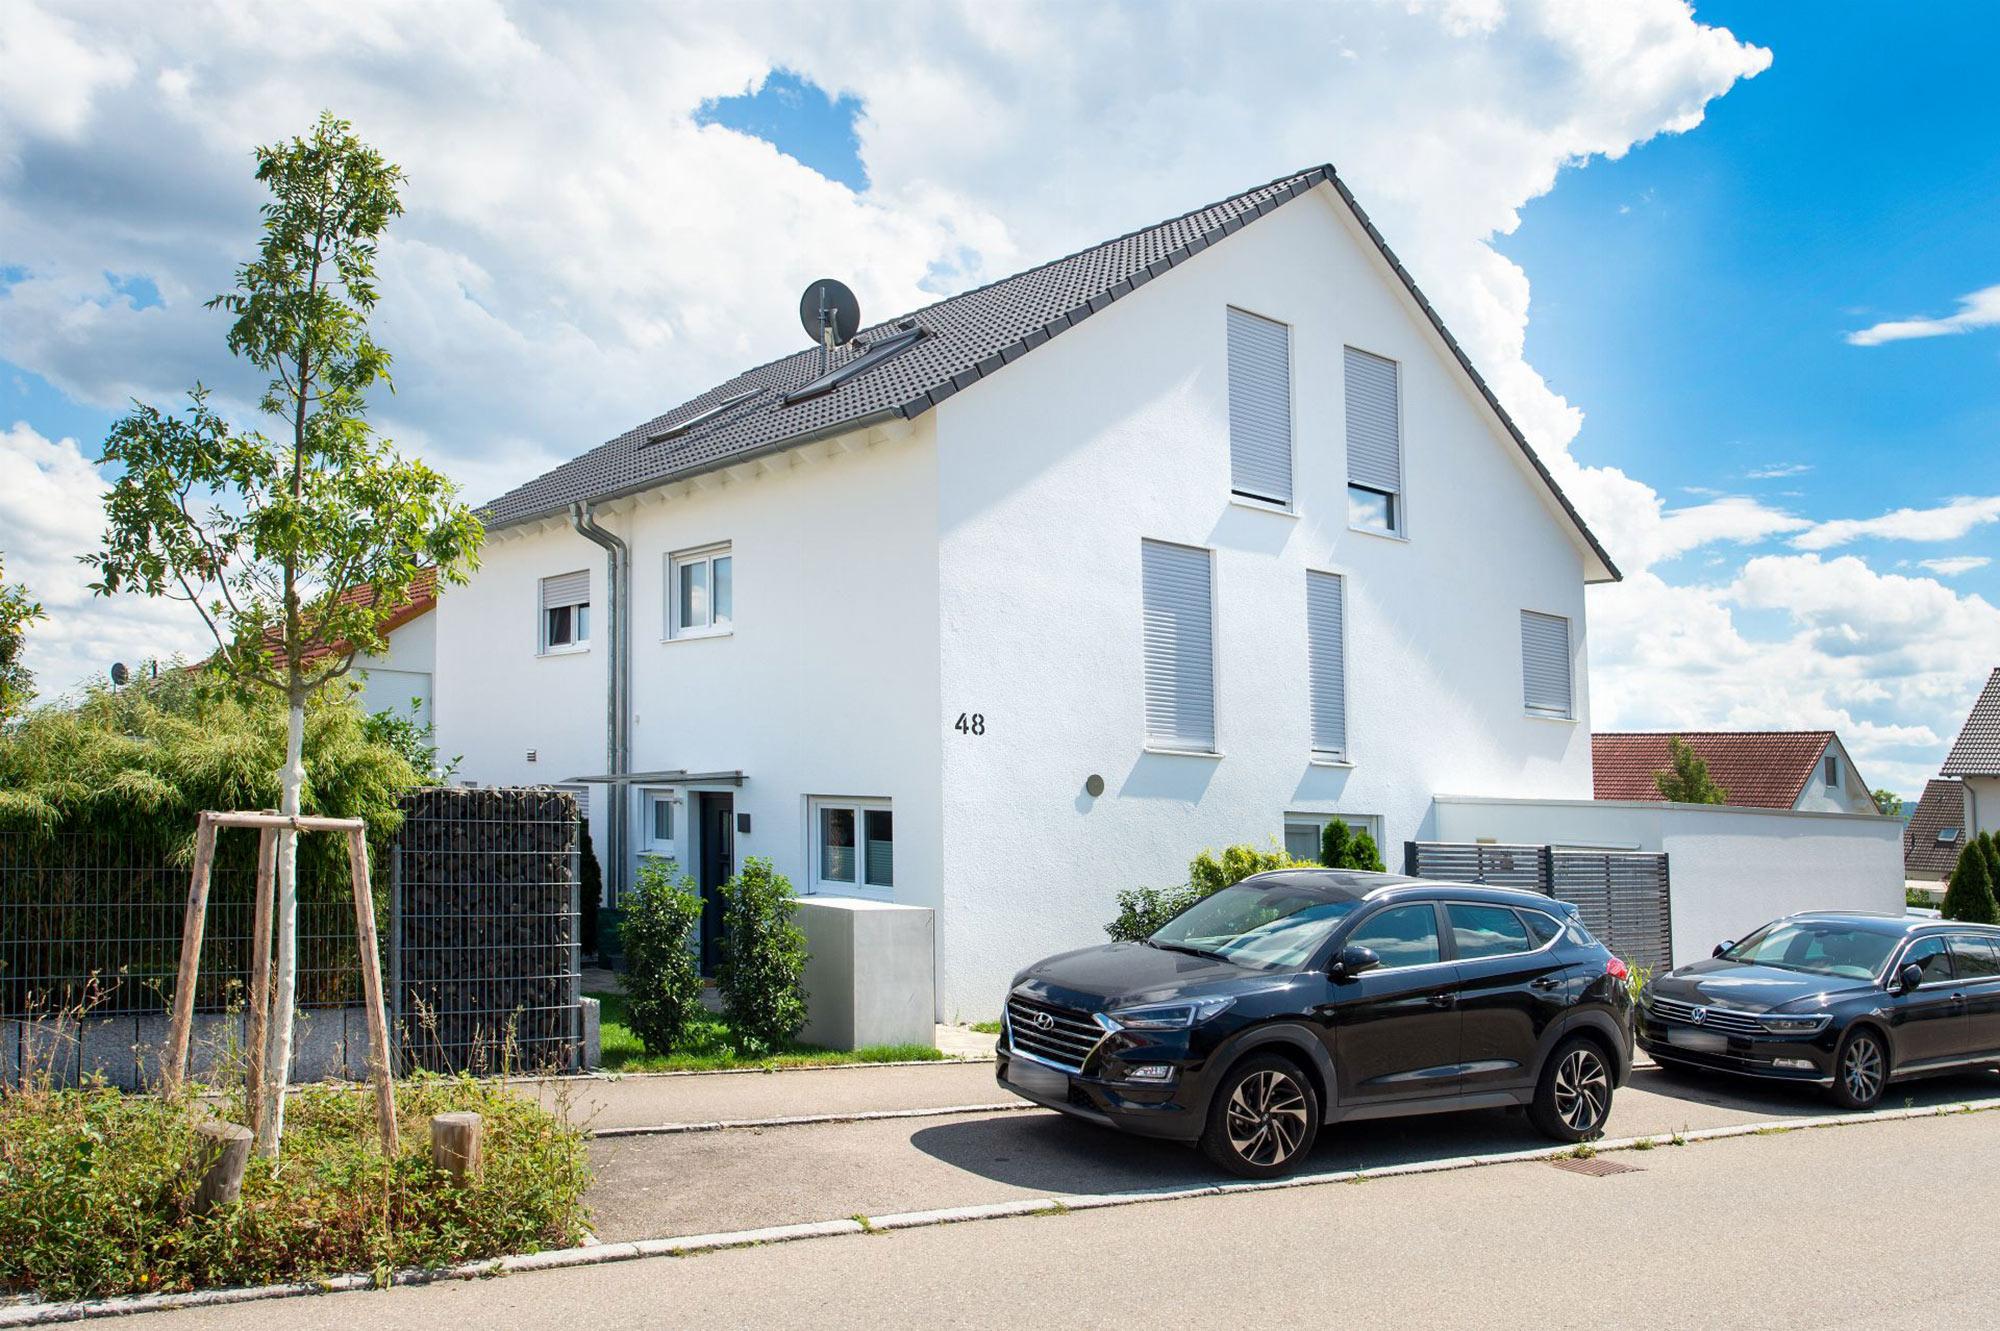 Doppelhaus Bau günstig zu Festpreisen